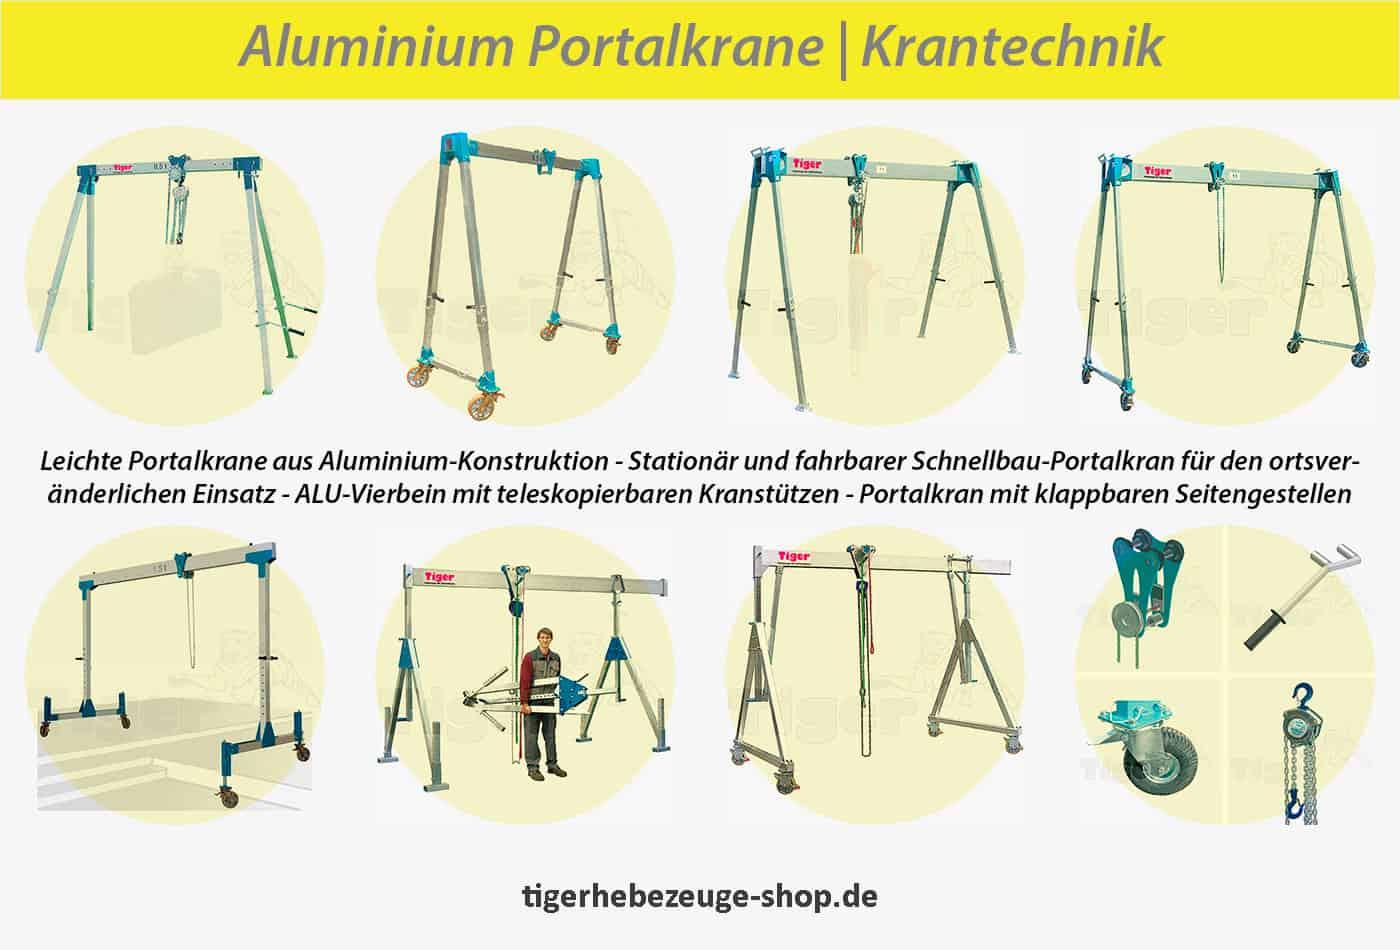 Aluminium Portalkrane